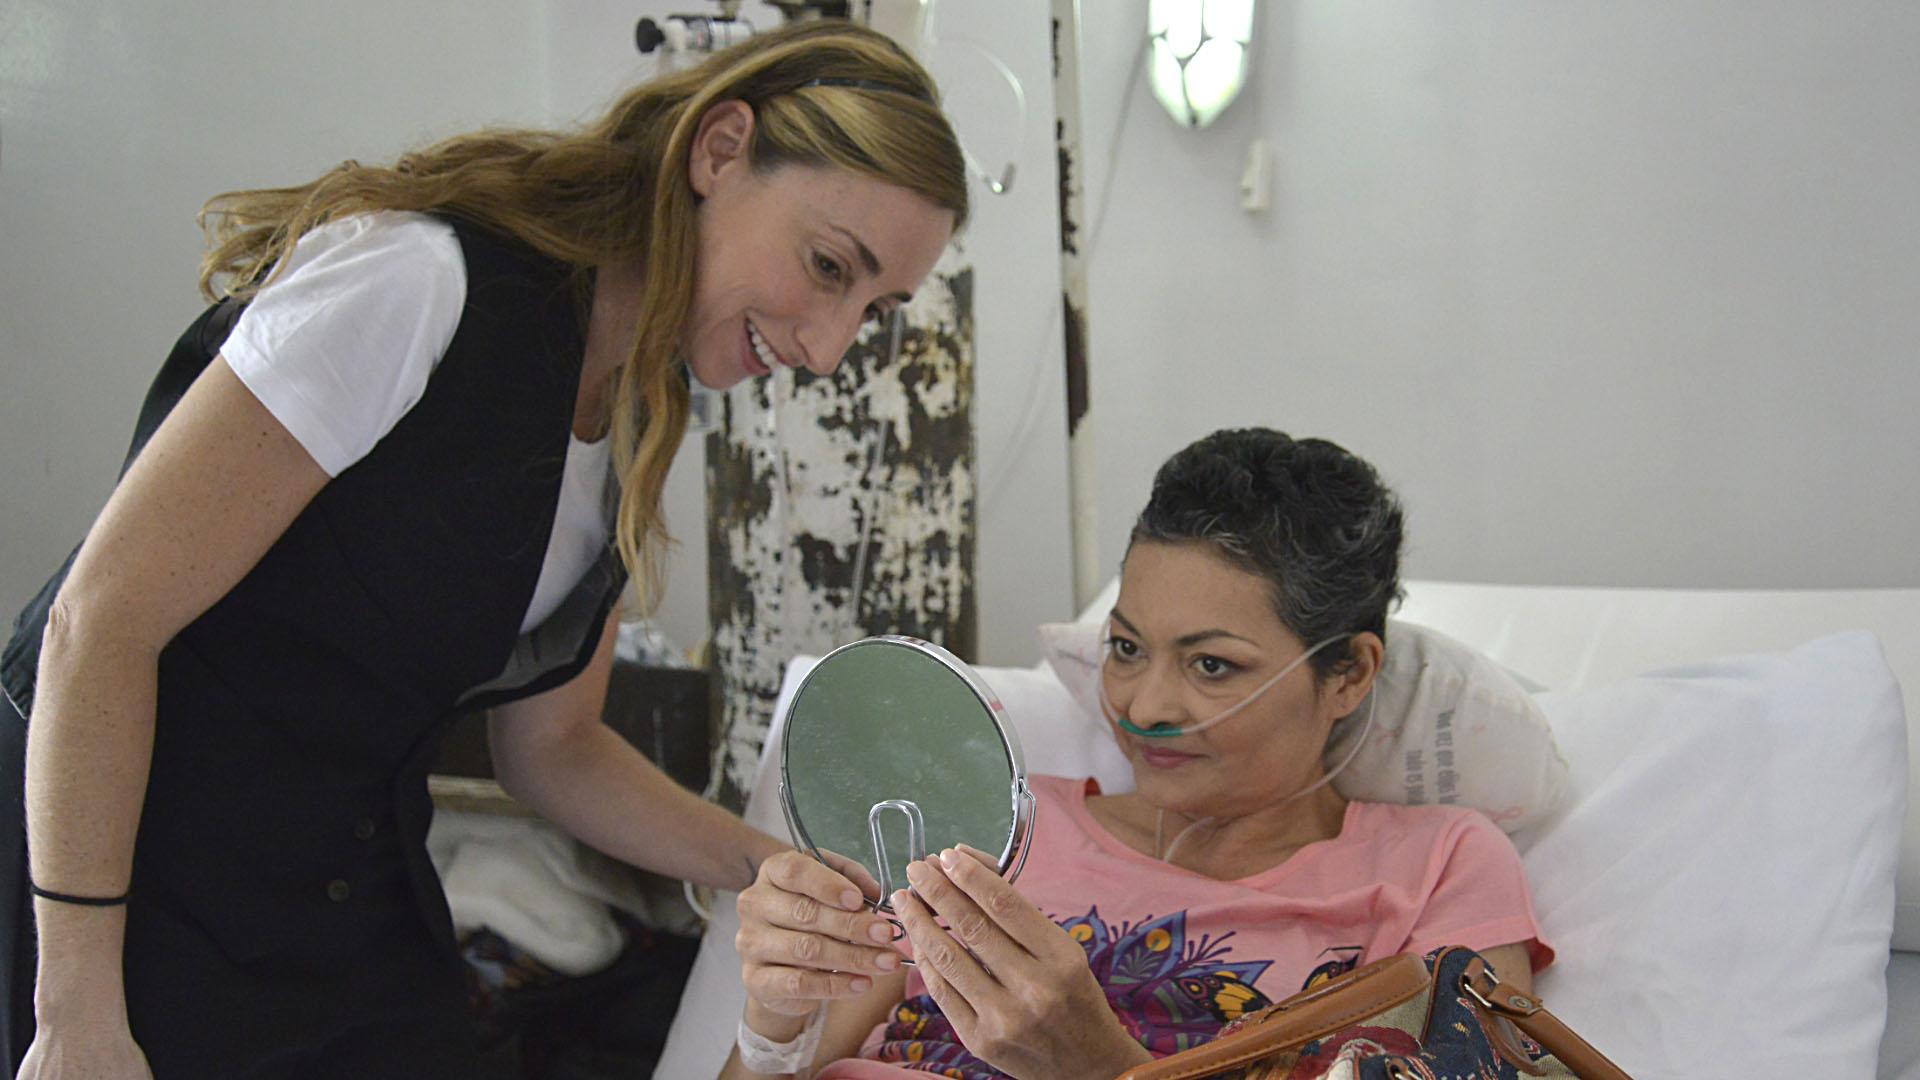 Flor Chacra Peralta Ramos después de maquillar a Mirna Godoy,en tratamiento por cáncer de mamas. (Gustavo Gavotti)